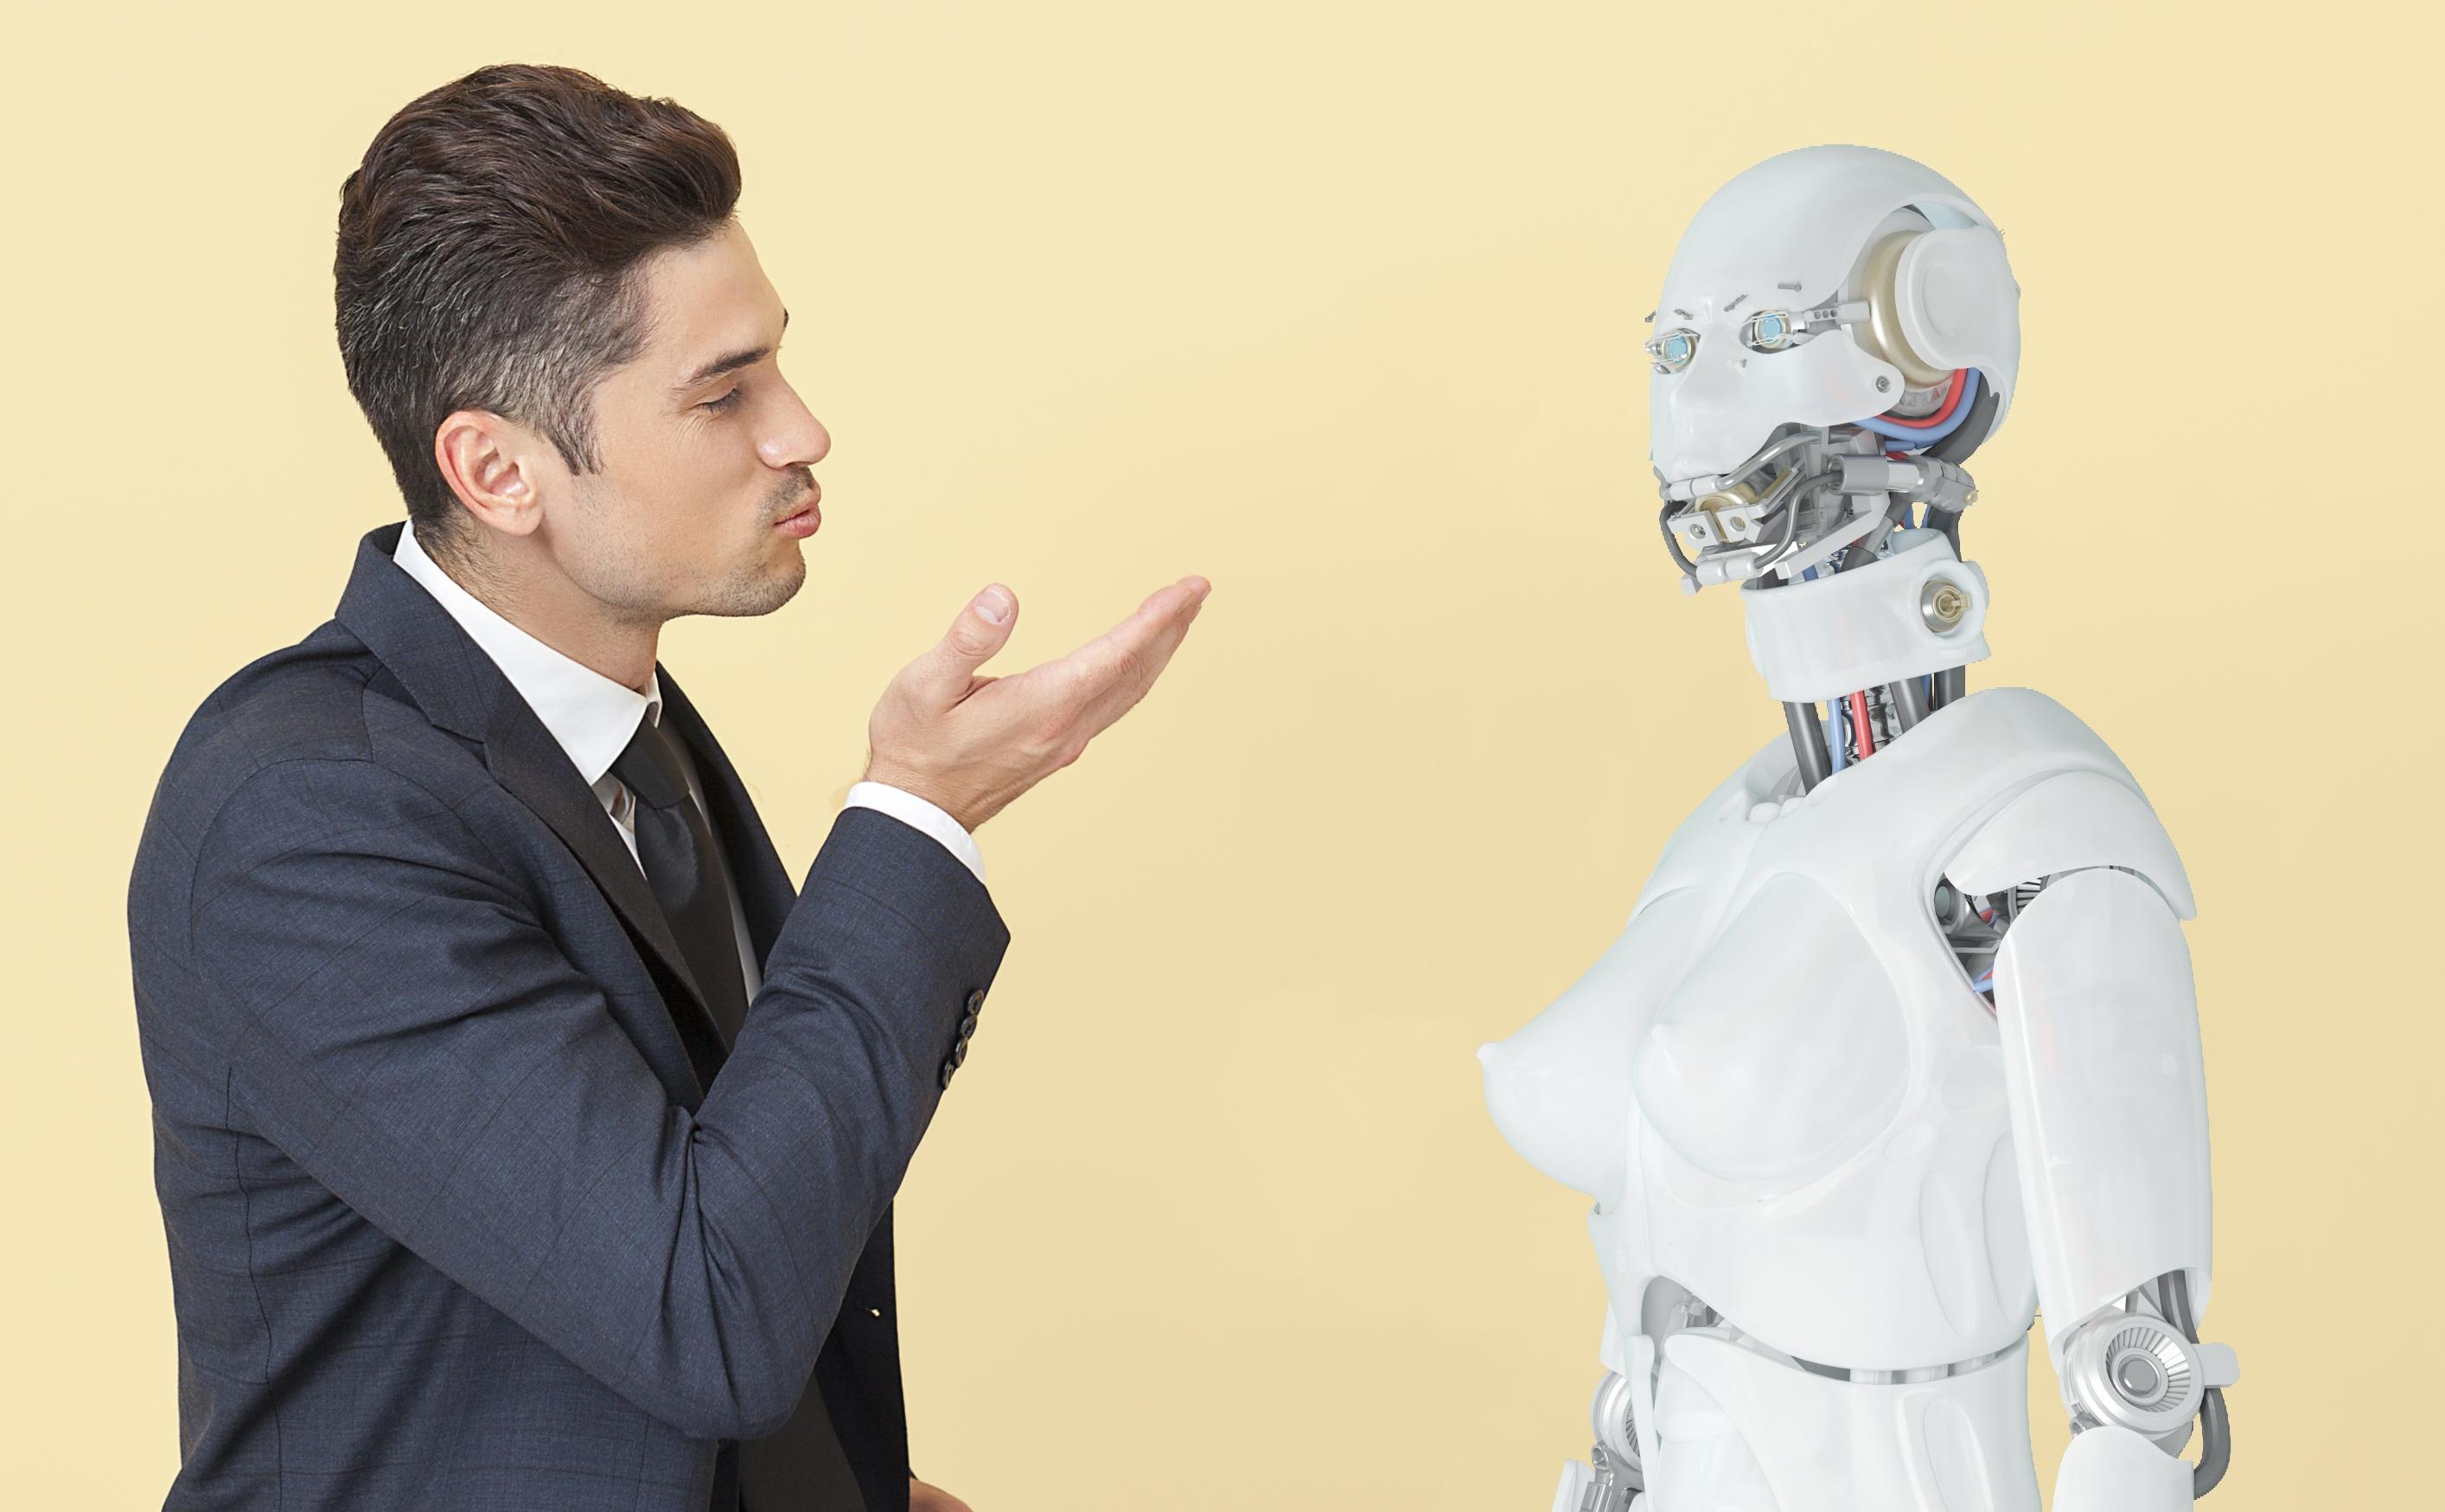 В команду стартапа по искусственному интеллекту входит очень сильный эксперт